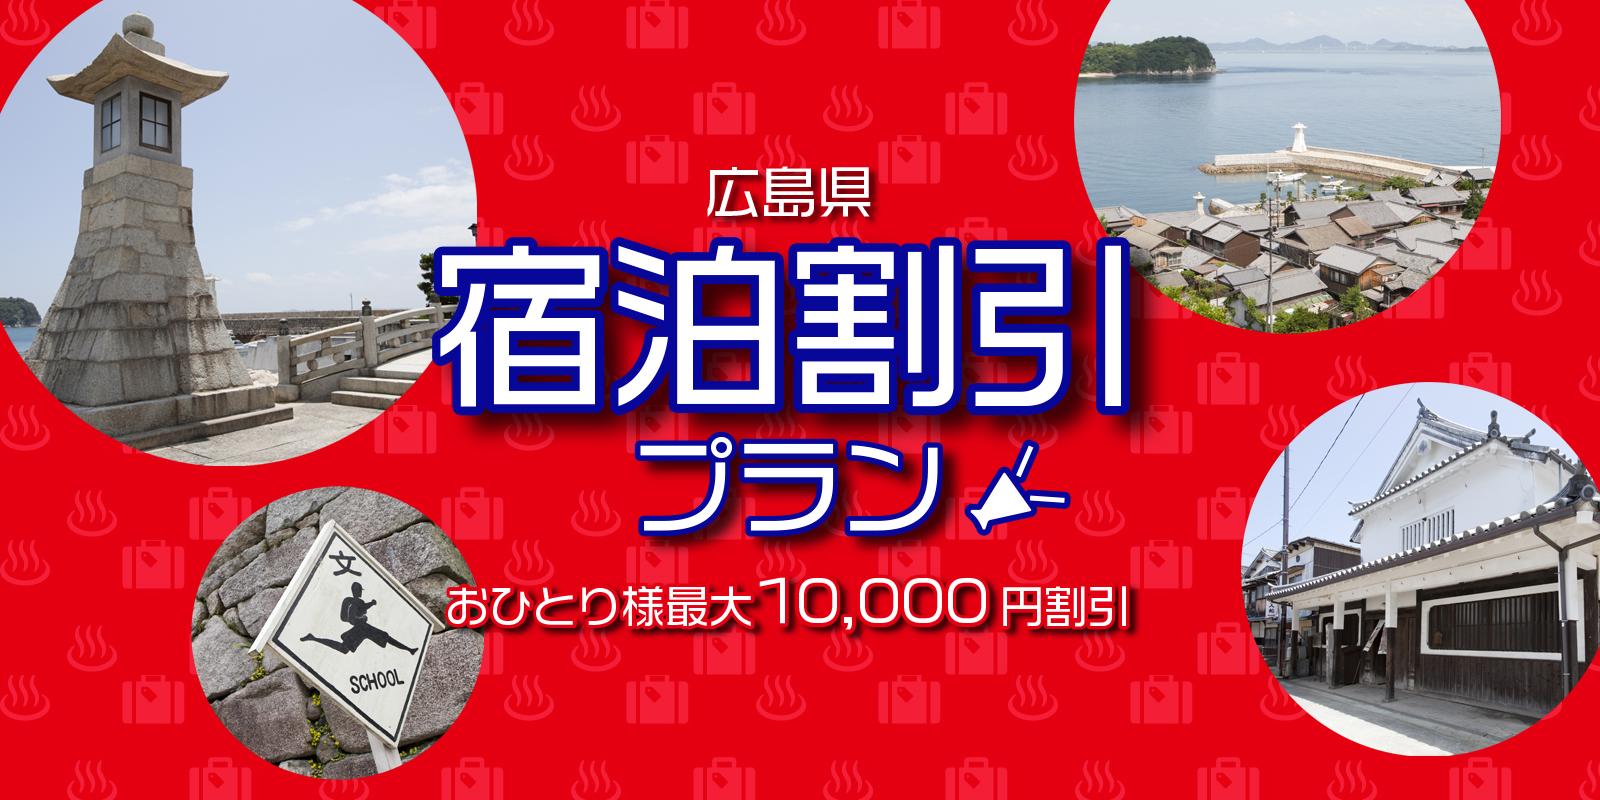 広島県宿泊事業者支援事業限定プラン